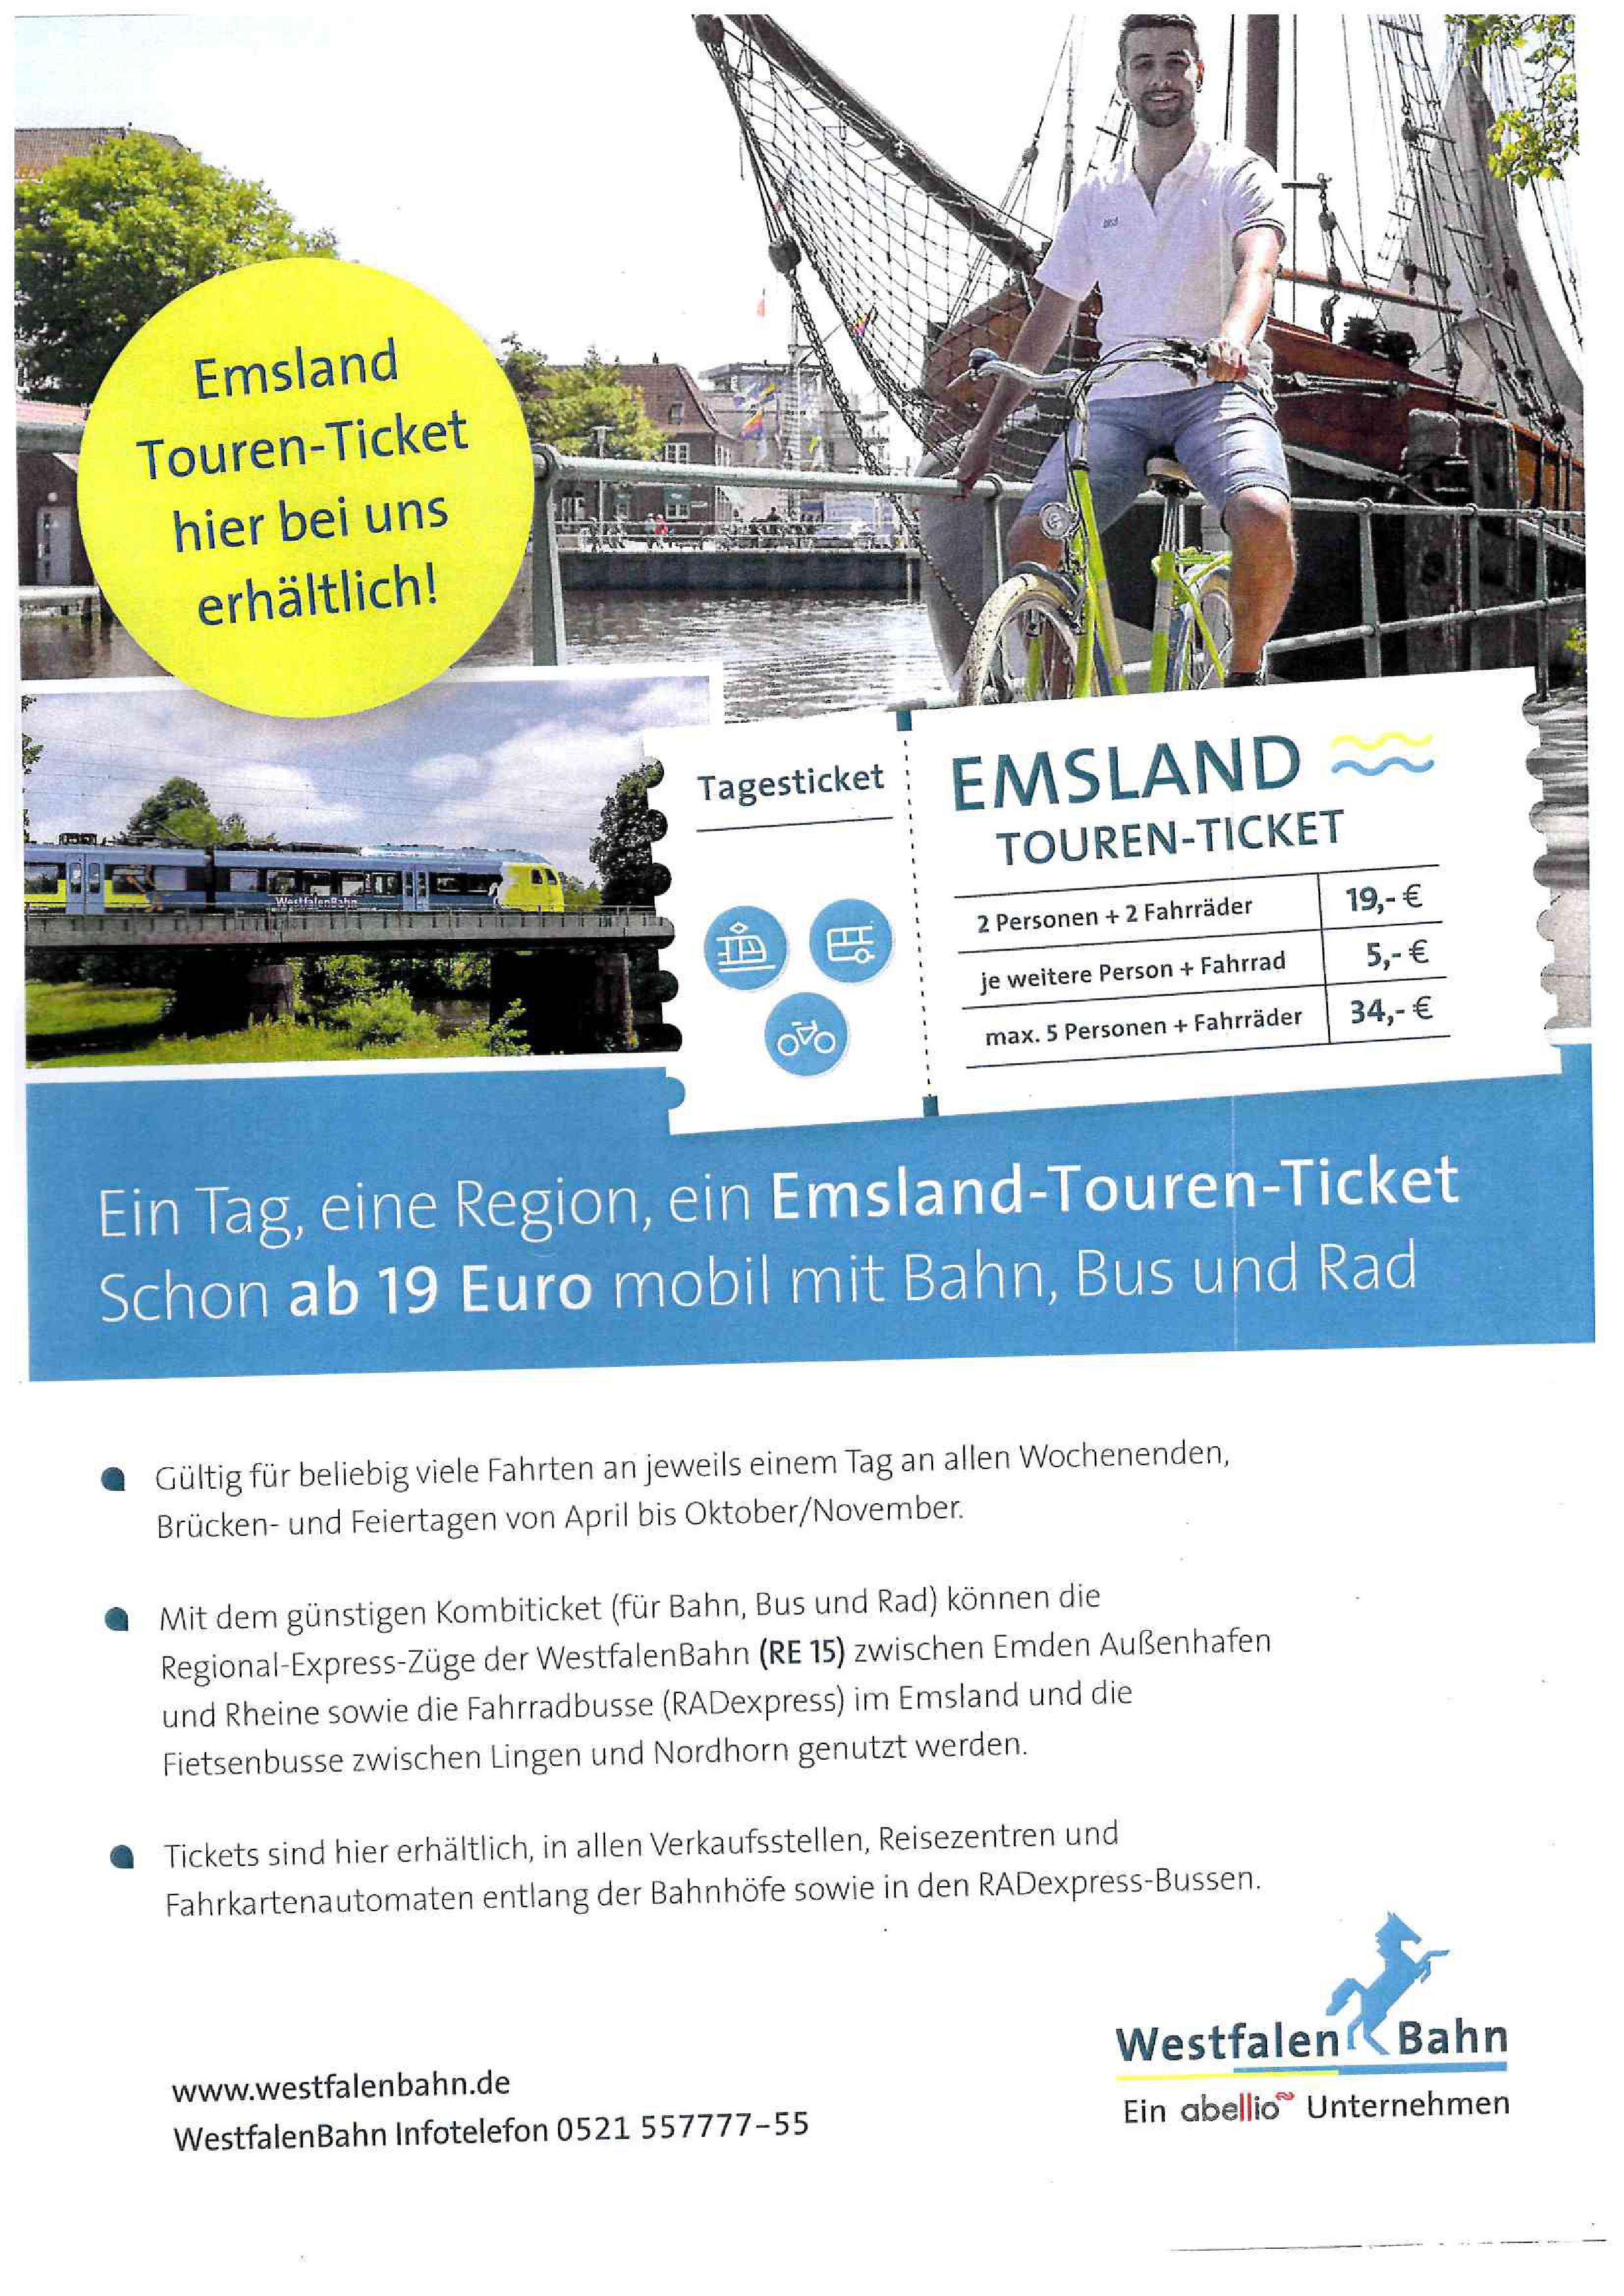 Emsland Touren-Ticket